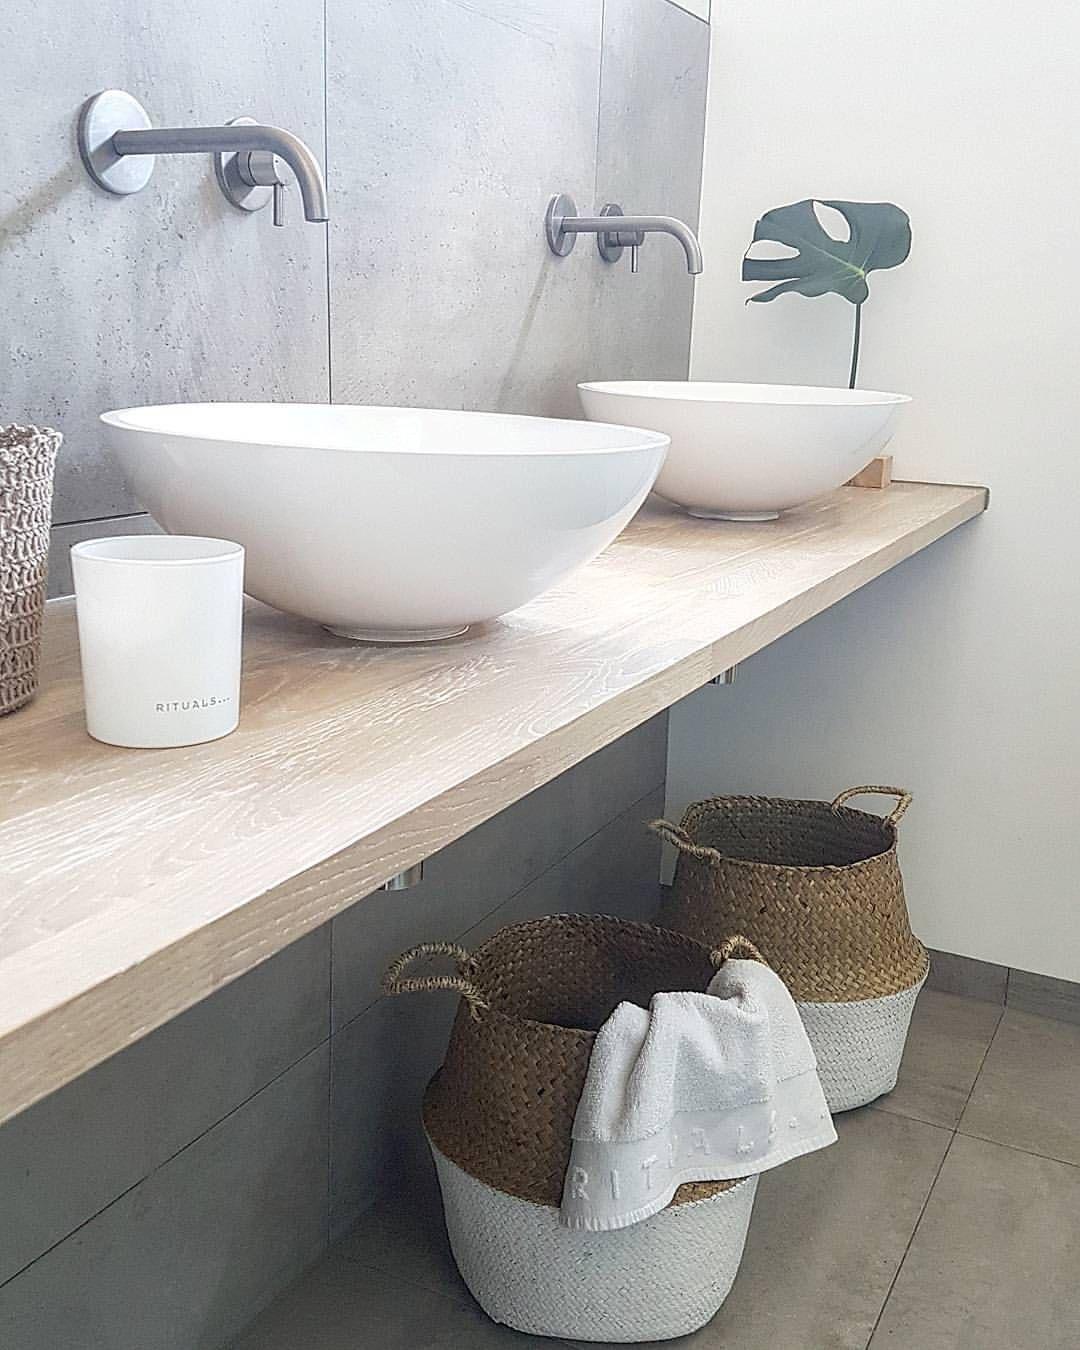 Badezimmer mit leichten waschbecken badezimmer for Badezimmer waschbecken